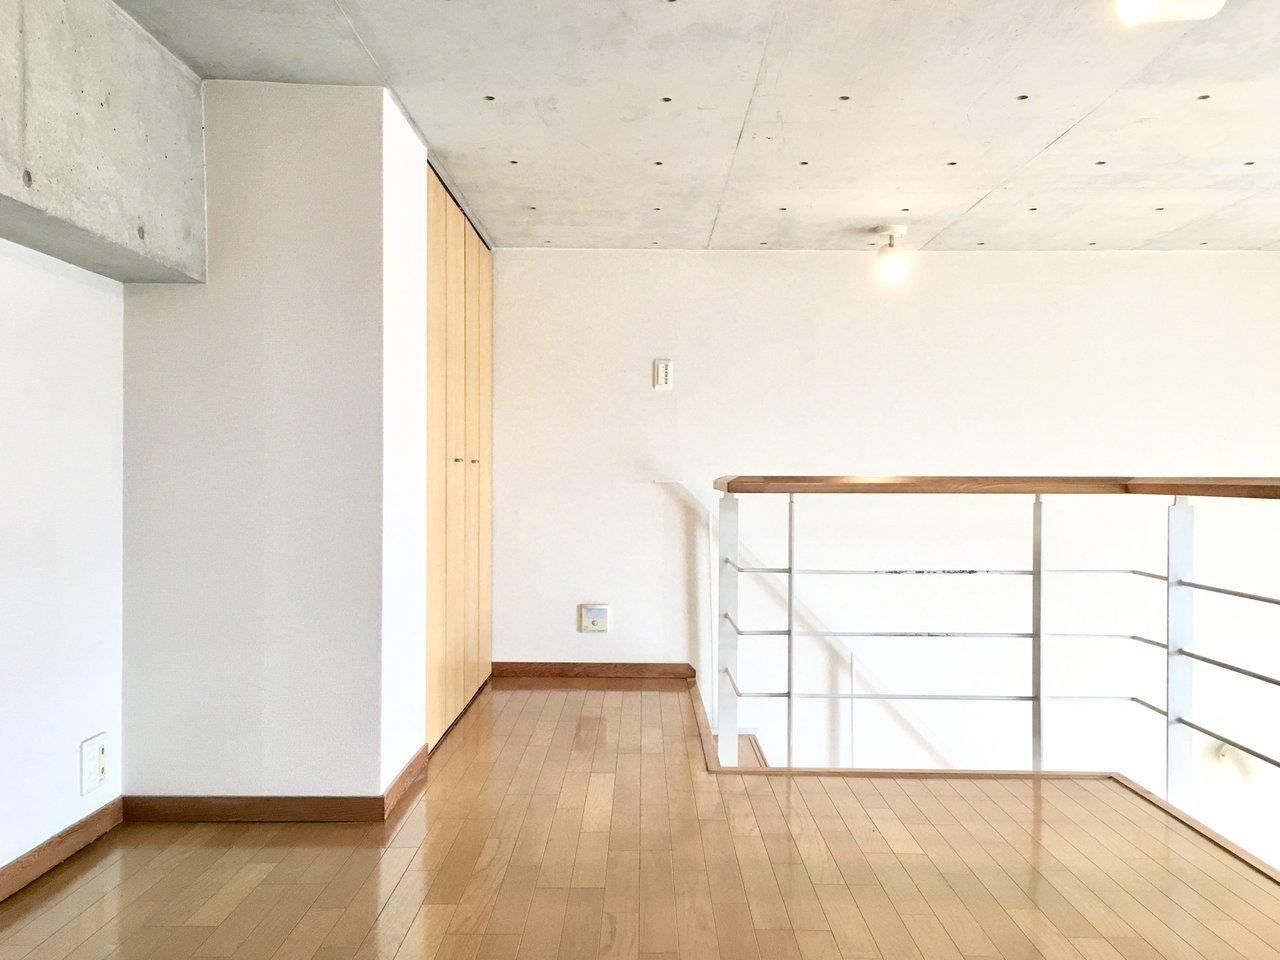 ロフトは6.5畳もあるので、大き目のベッドも置くことができそうです。1階だけではなく、2階にも収納スペースがしっかりありますよ。ふたり暮らしも余裕です。